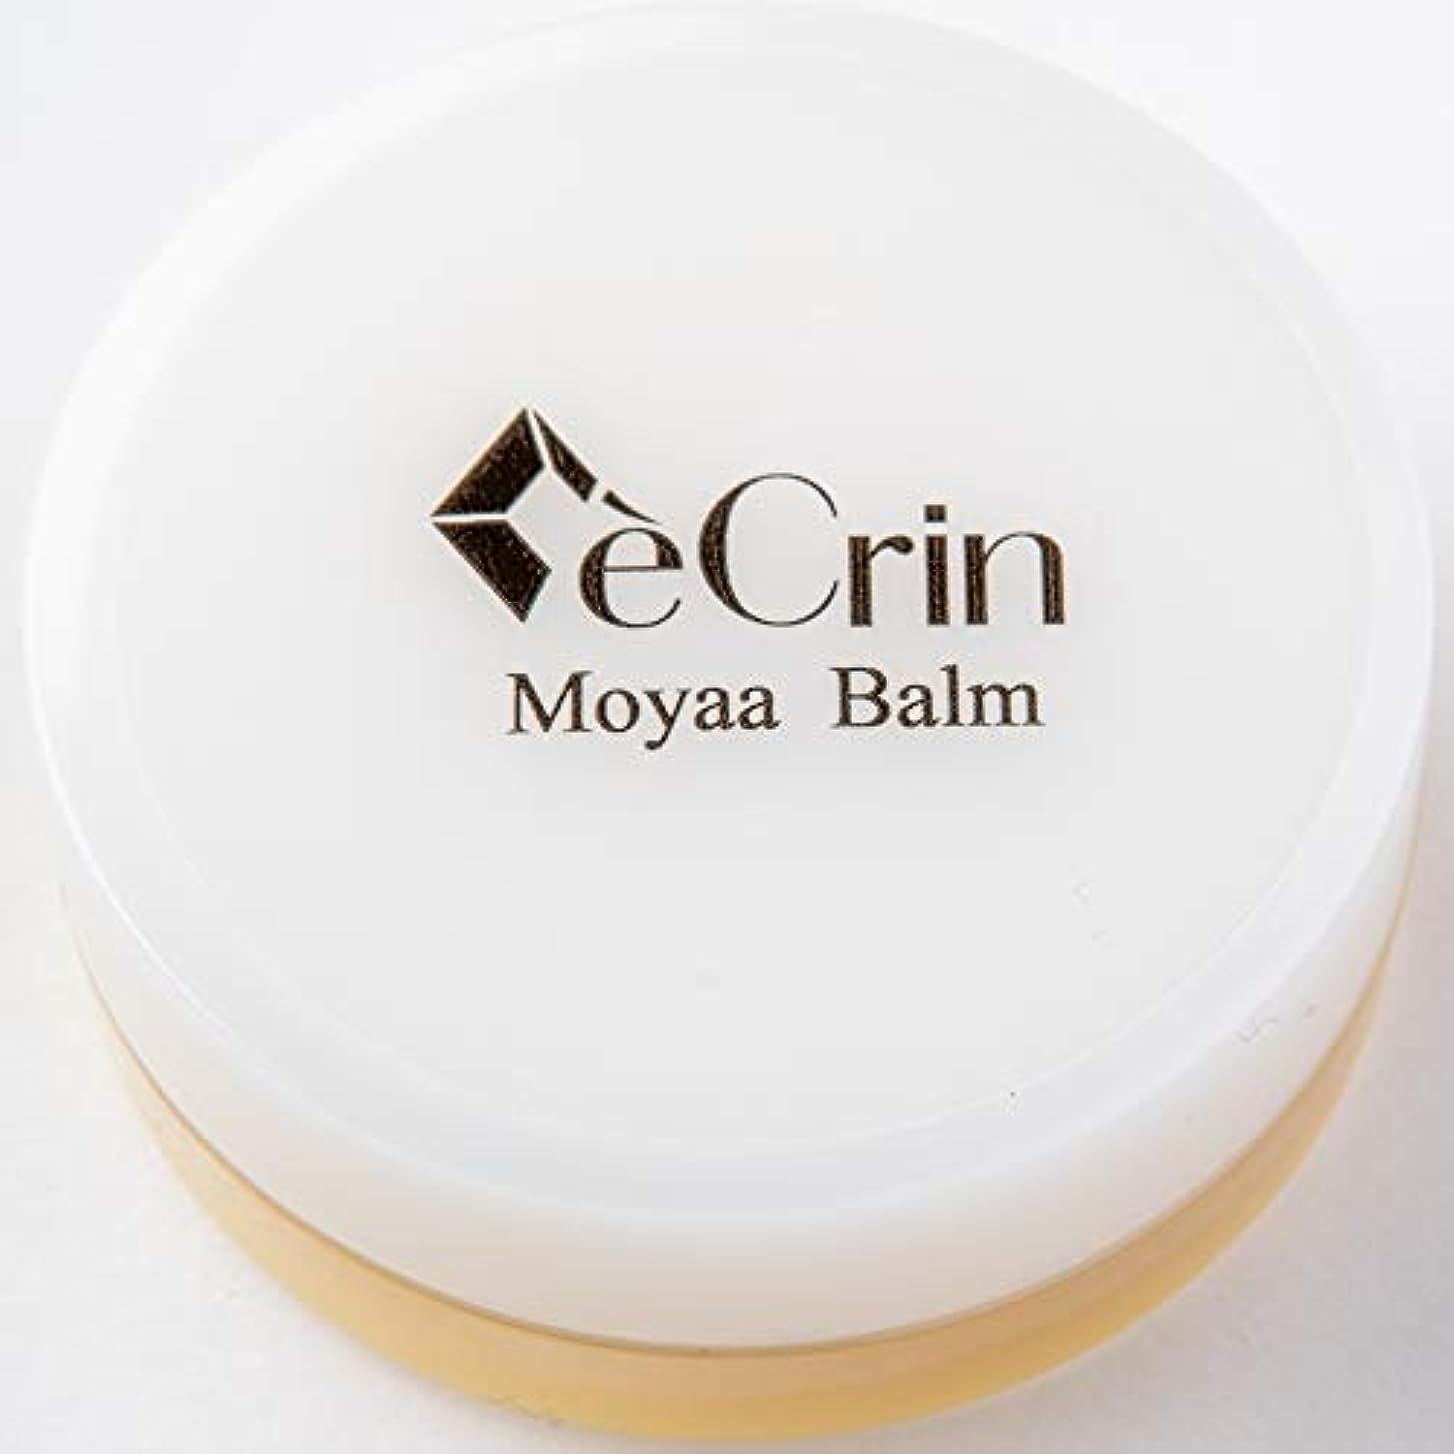 ソーシャル会話型突っ込むMoyaa Balm (モーヤバーム)天然成分のみで仕上げたシアバター white 無添加 天然成分100%